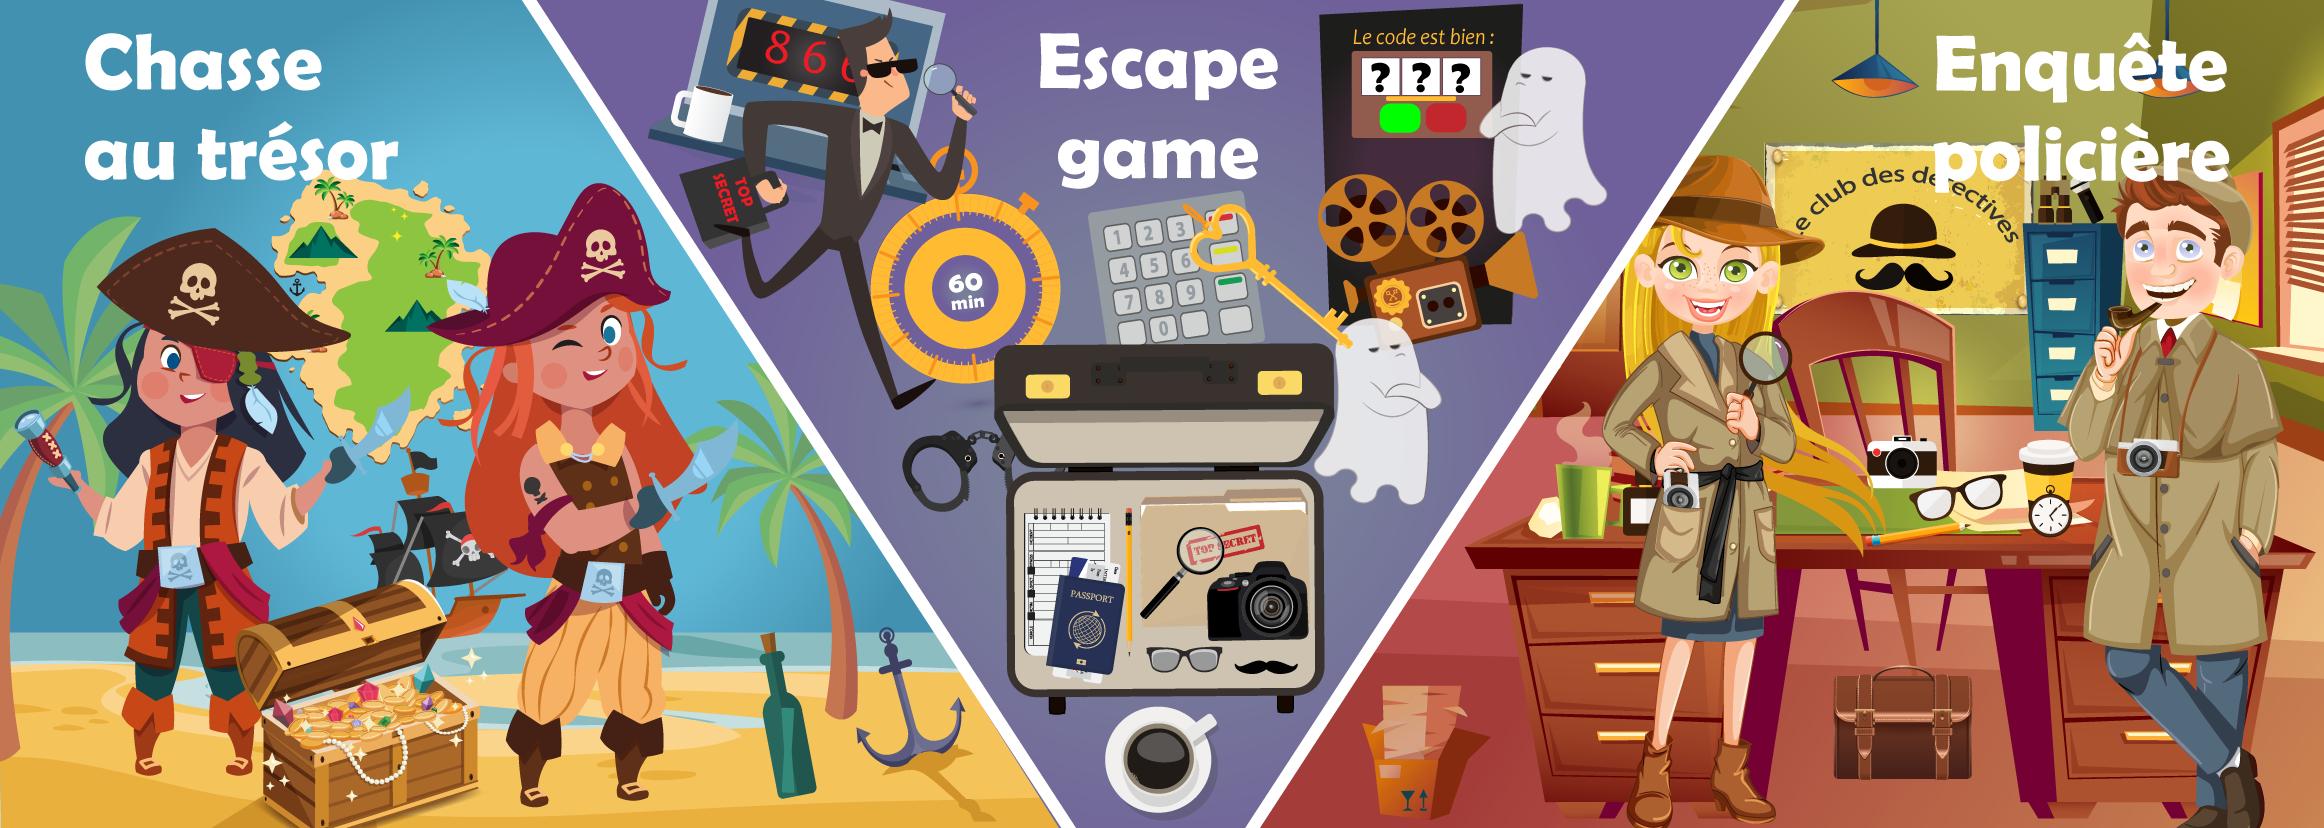 Jeux À Imprimer Ludiques Pour Les Enfants De 4 À 10 Ans pour Jeux Gratuits Pour Enfants De 5 Ans